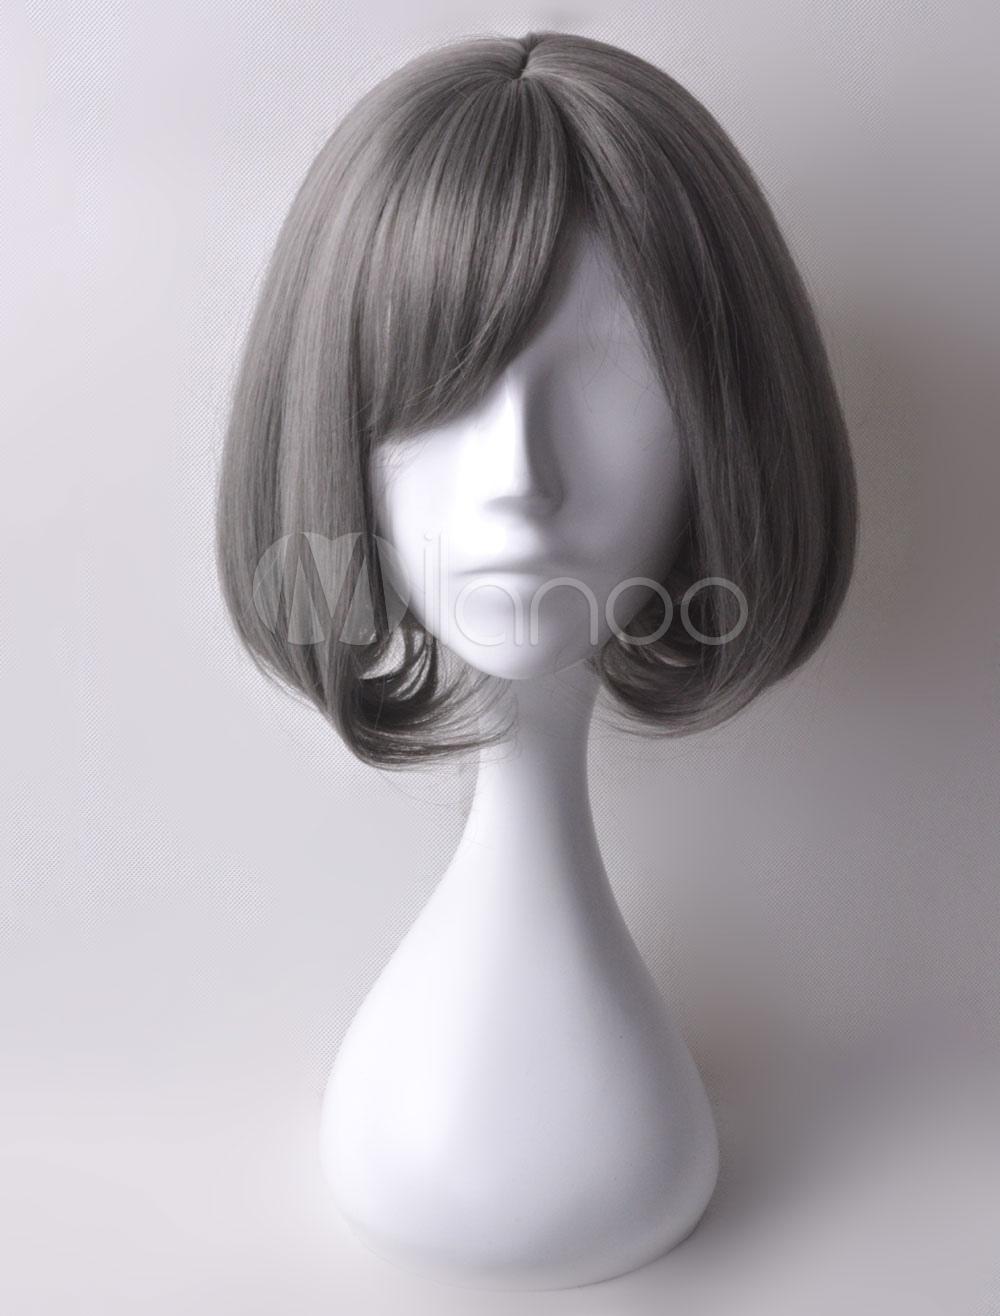 Harajuku Style Cosplay Wig Short Grey Wig Halloween